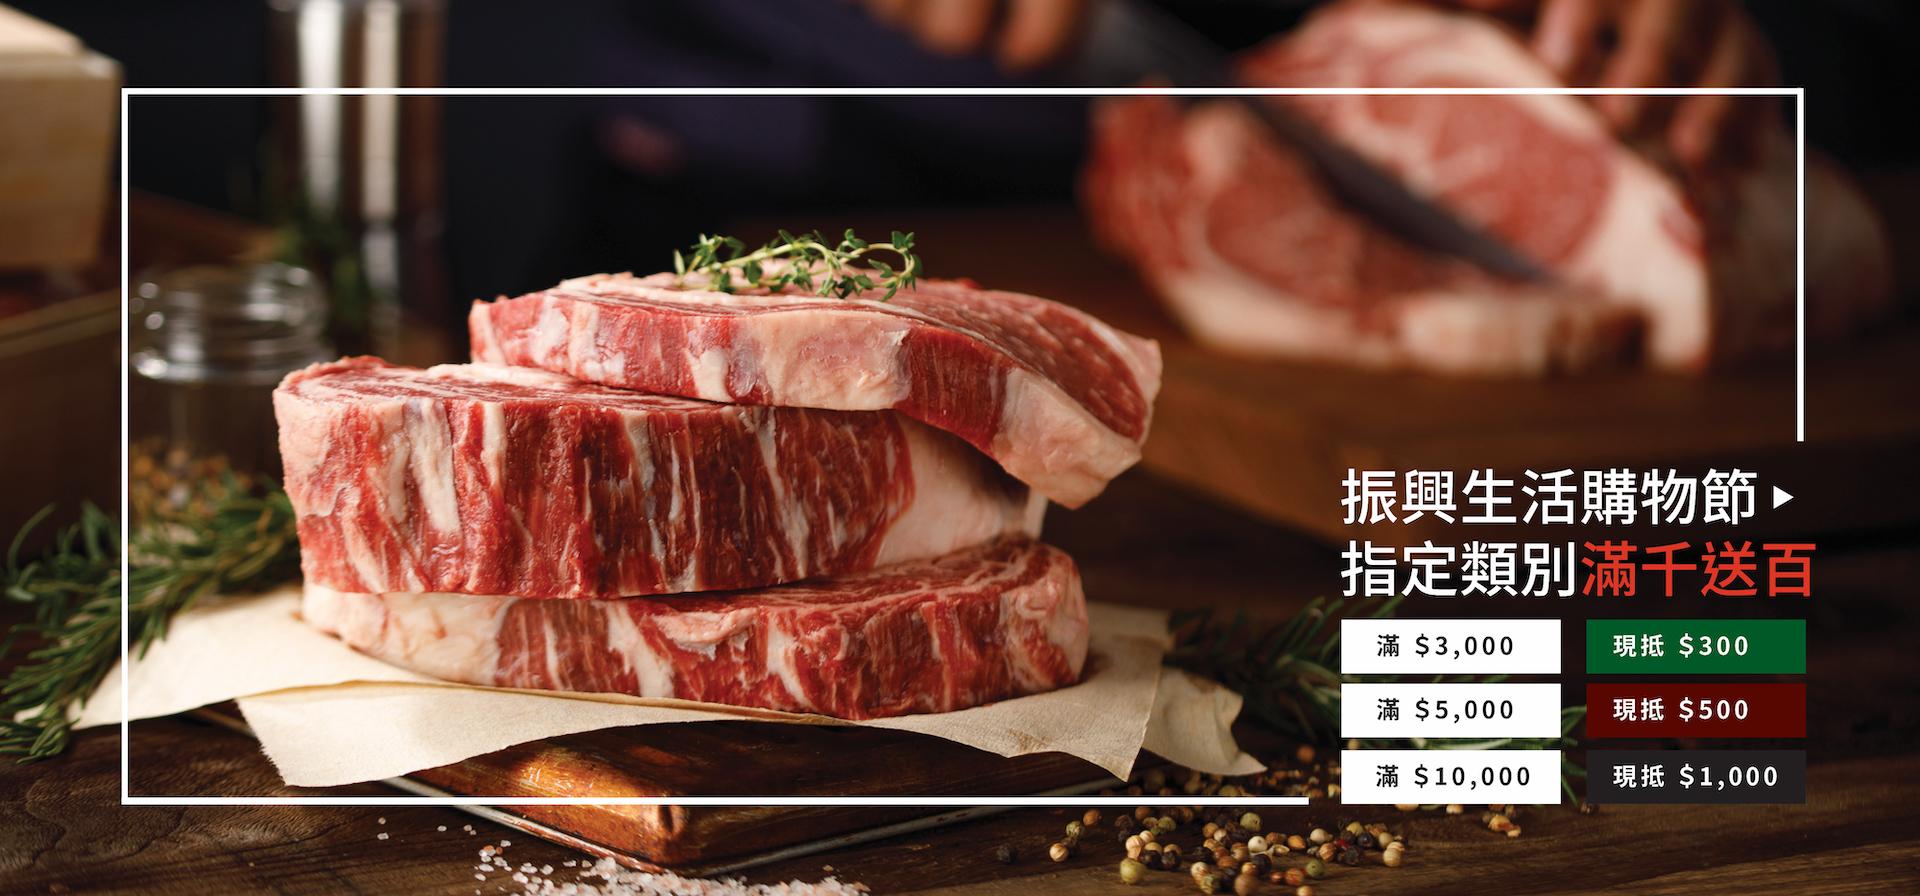 振興專區,日本和牛&日本F1國產牛,滿千送百!